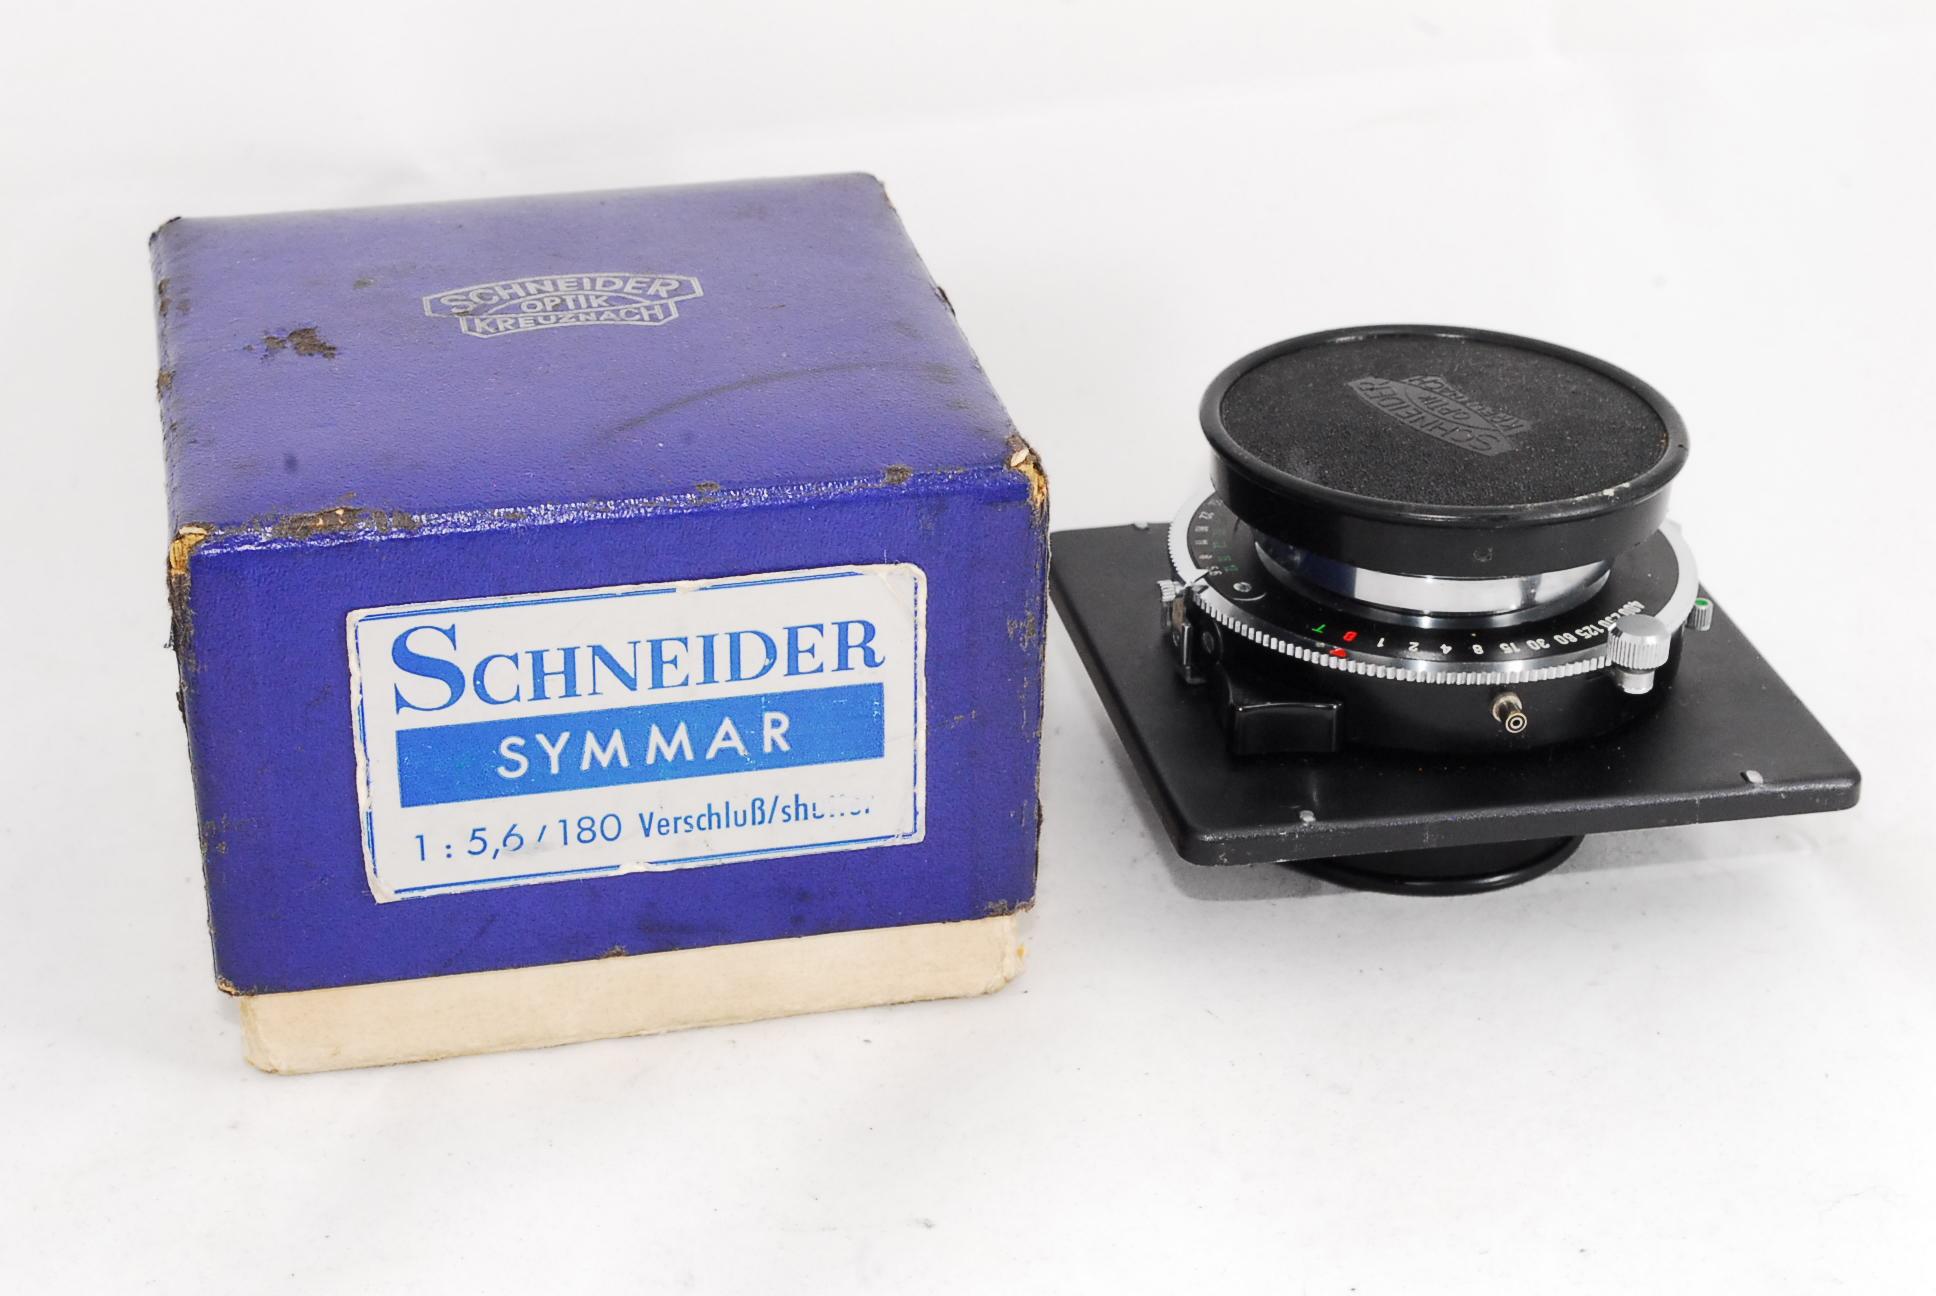 Schneider Symmar 180mm F5.6